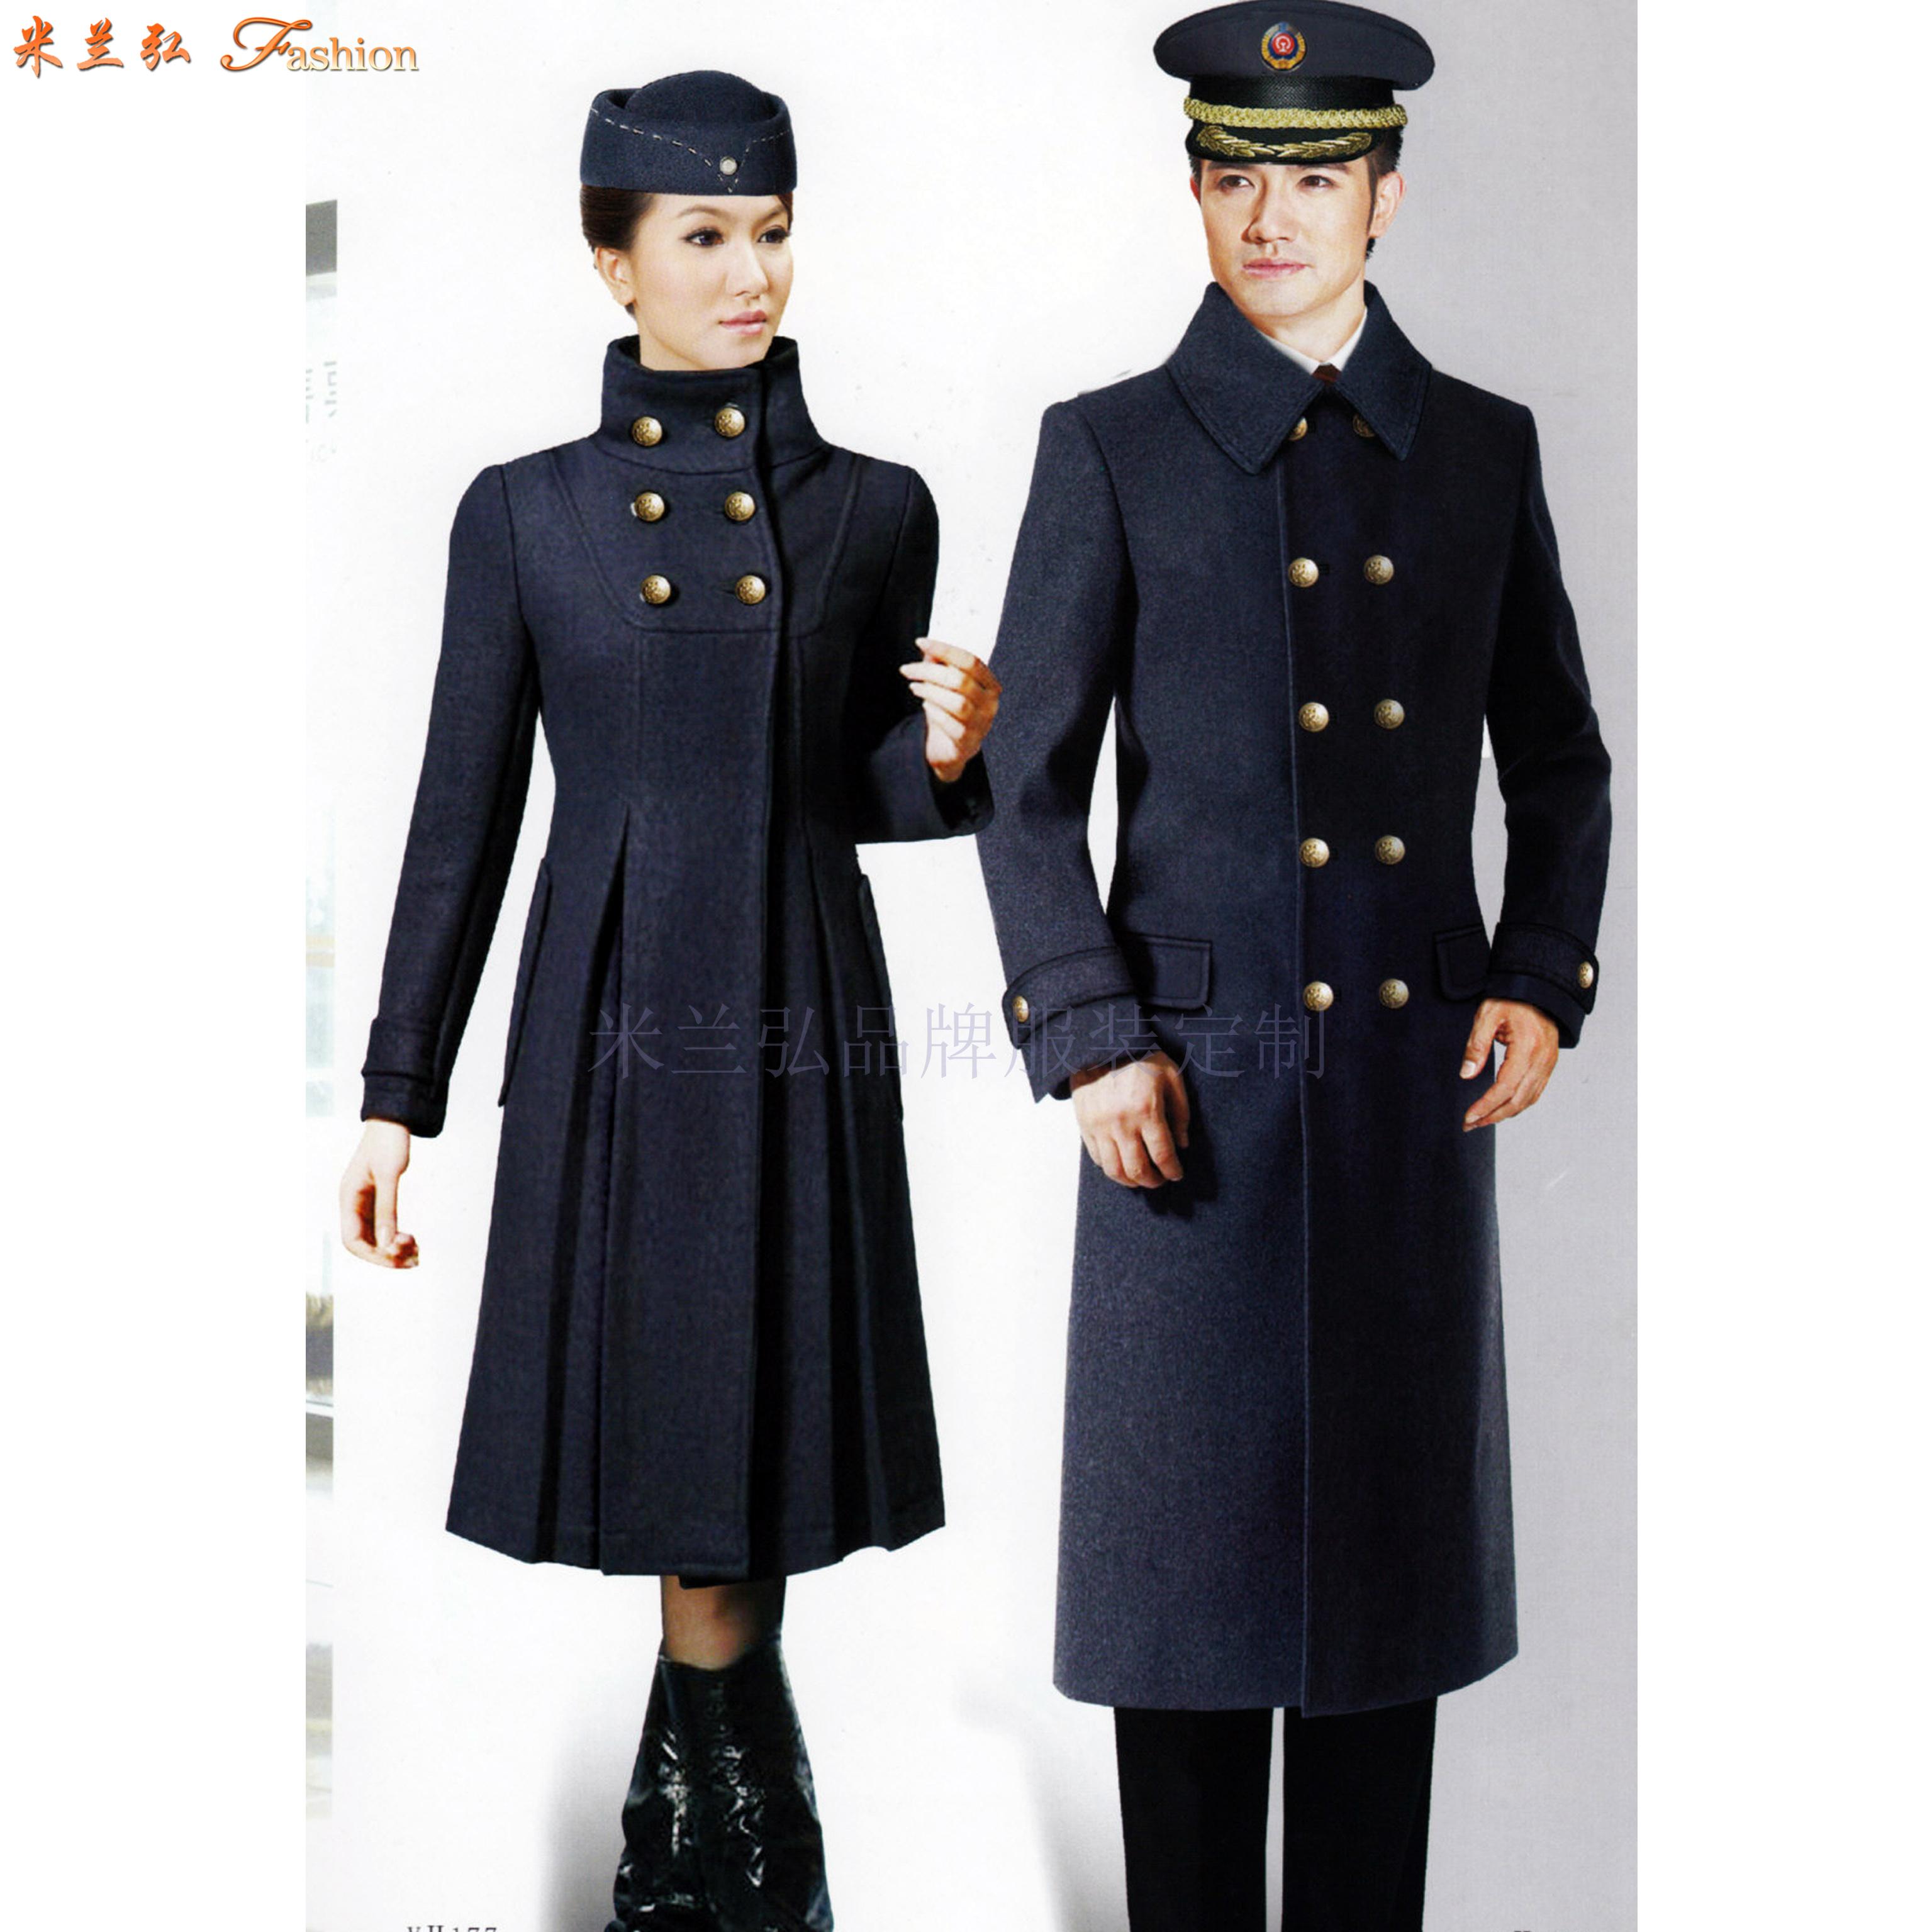 「高鐵大衣定制」「高鐵羊毛大衣定做」「高鐵乘務大衣訂制」-2